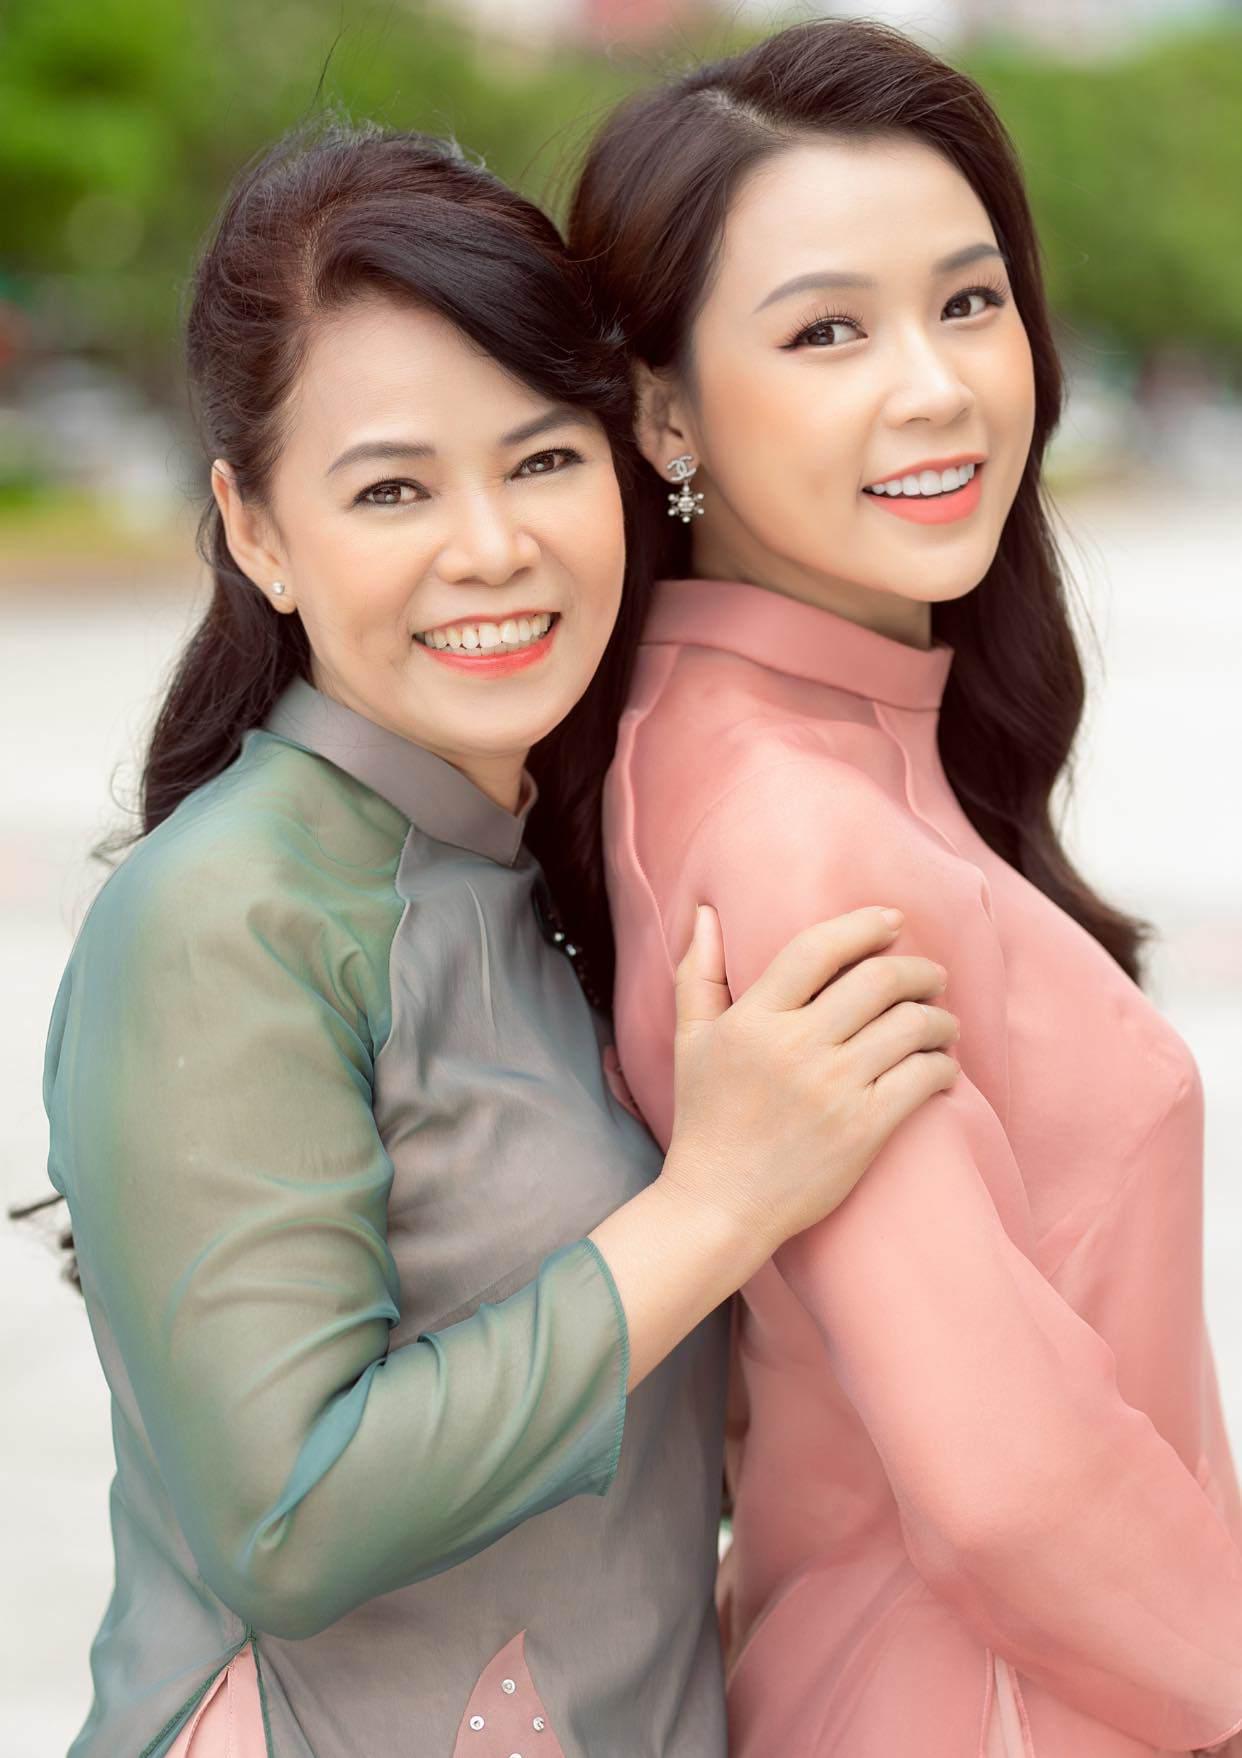 Sao Việt 24h: Đưa bà đẻ miền Trung đi cấp cứu, xe của Hòa Minzy bị dân ném vỡ kính - 16